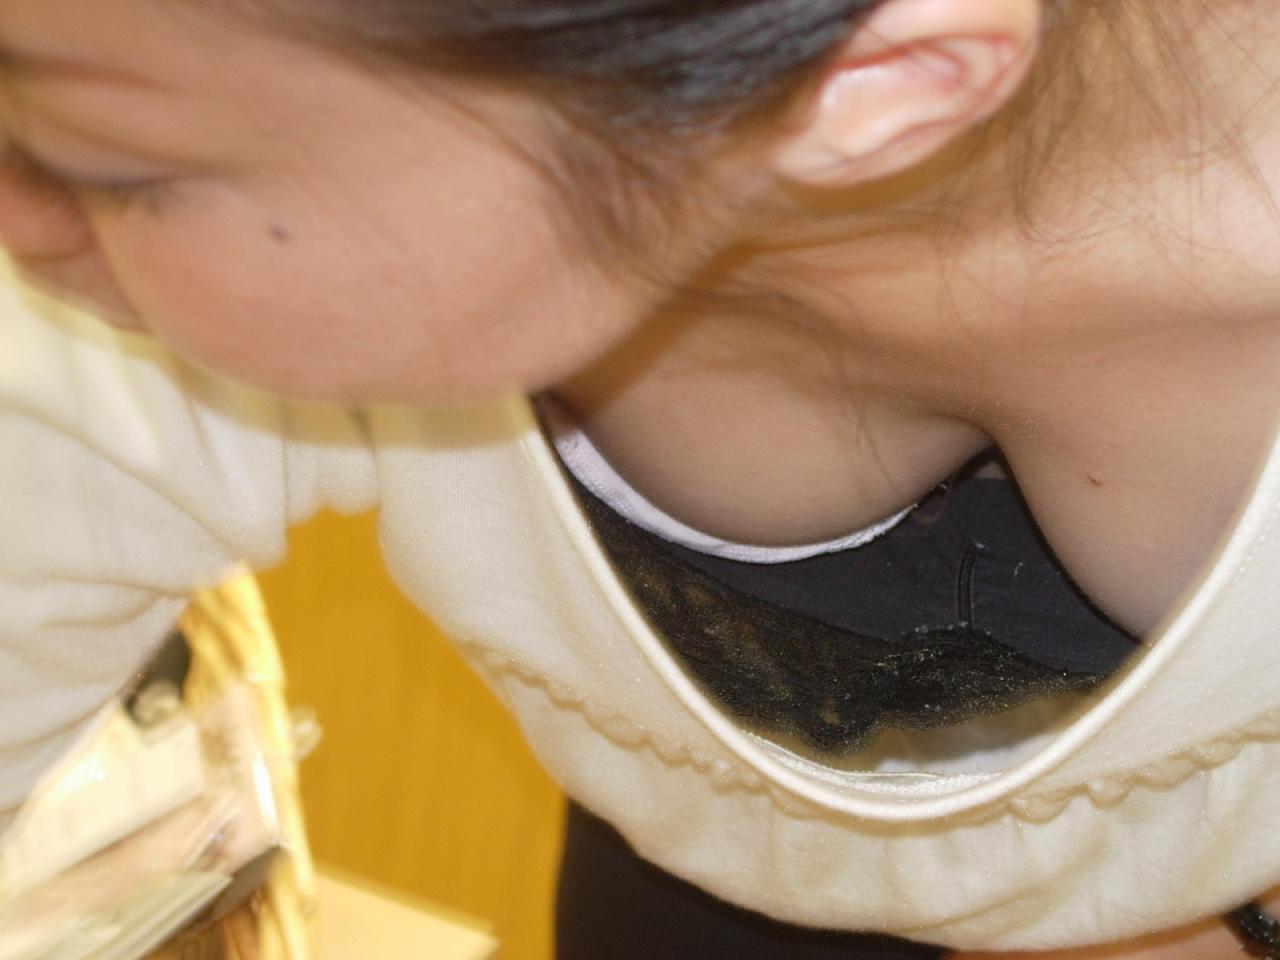 【胸チラ隠し撮り画像】絶好の谷間をお持ちでwwwシャツから覗くイヤらしい胸元観察 13